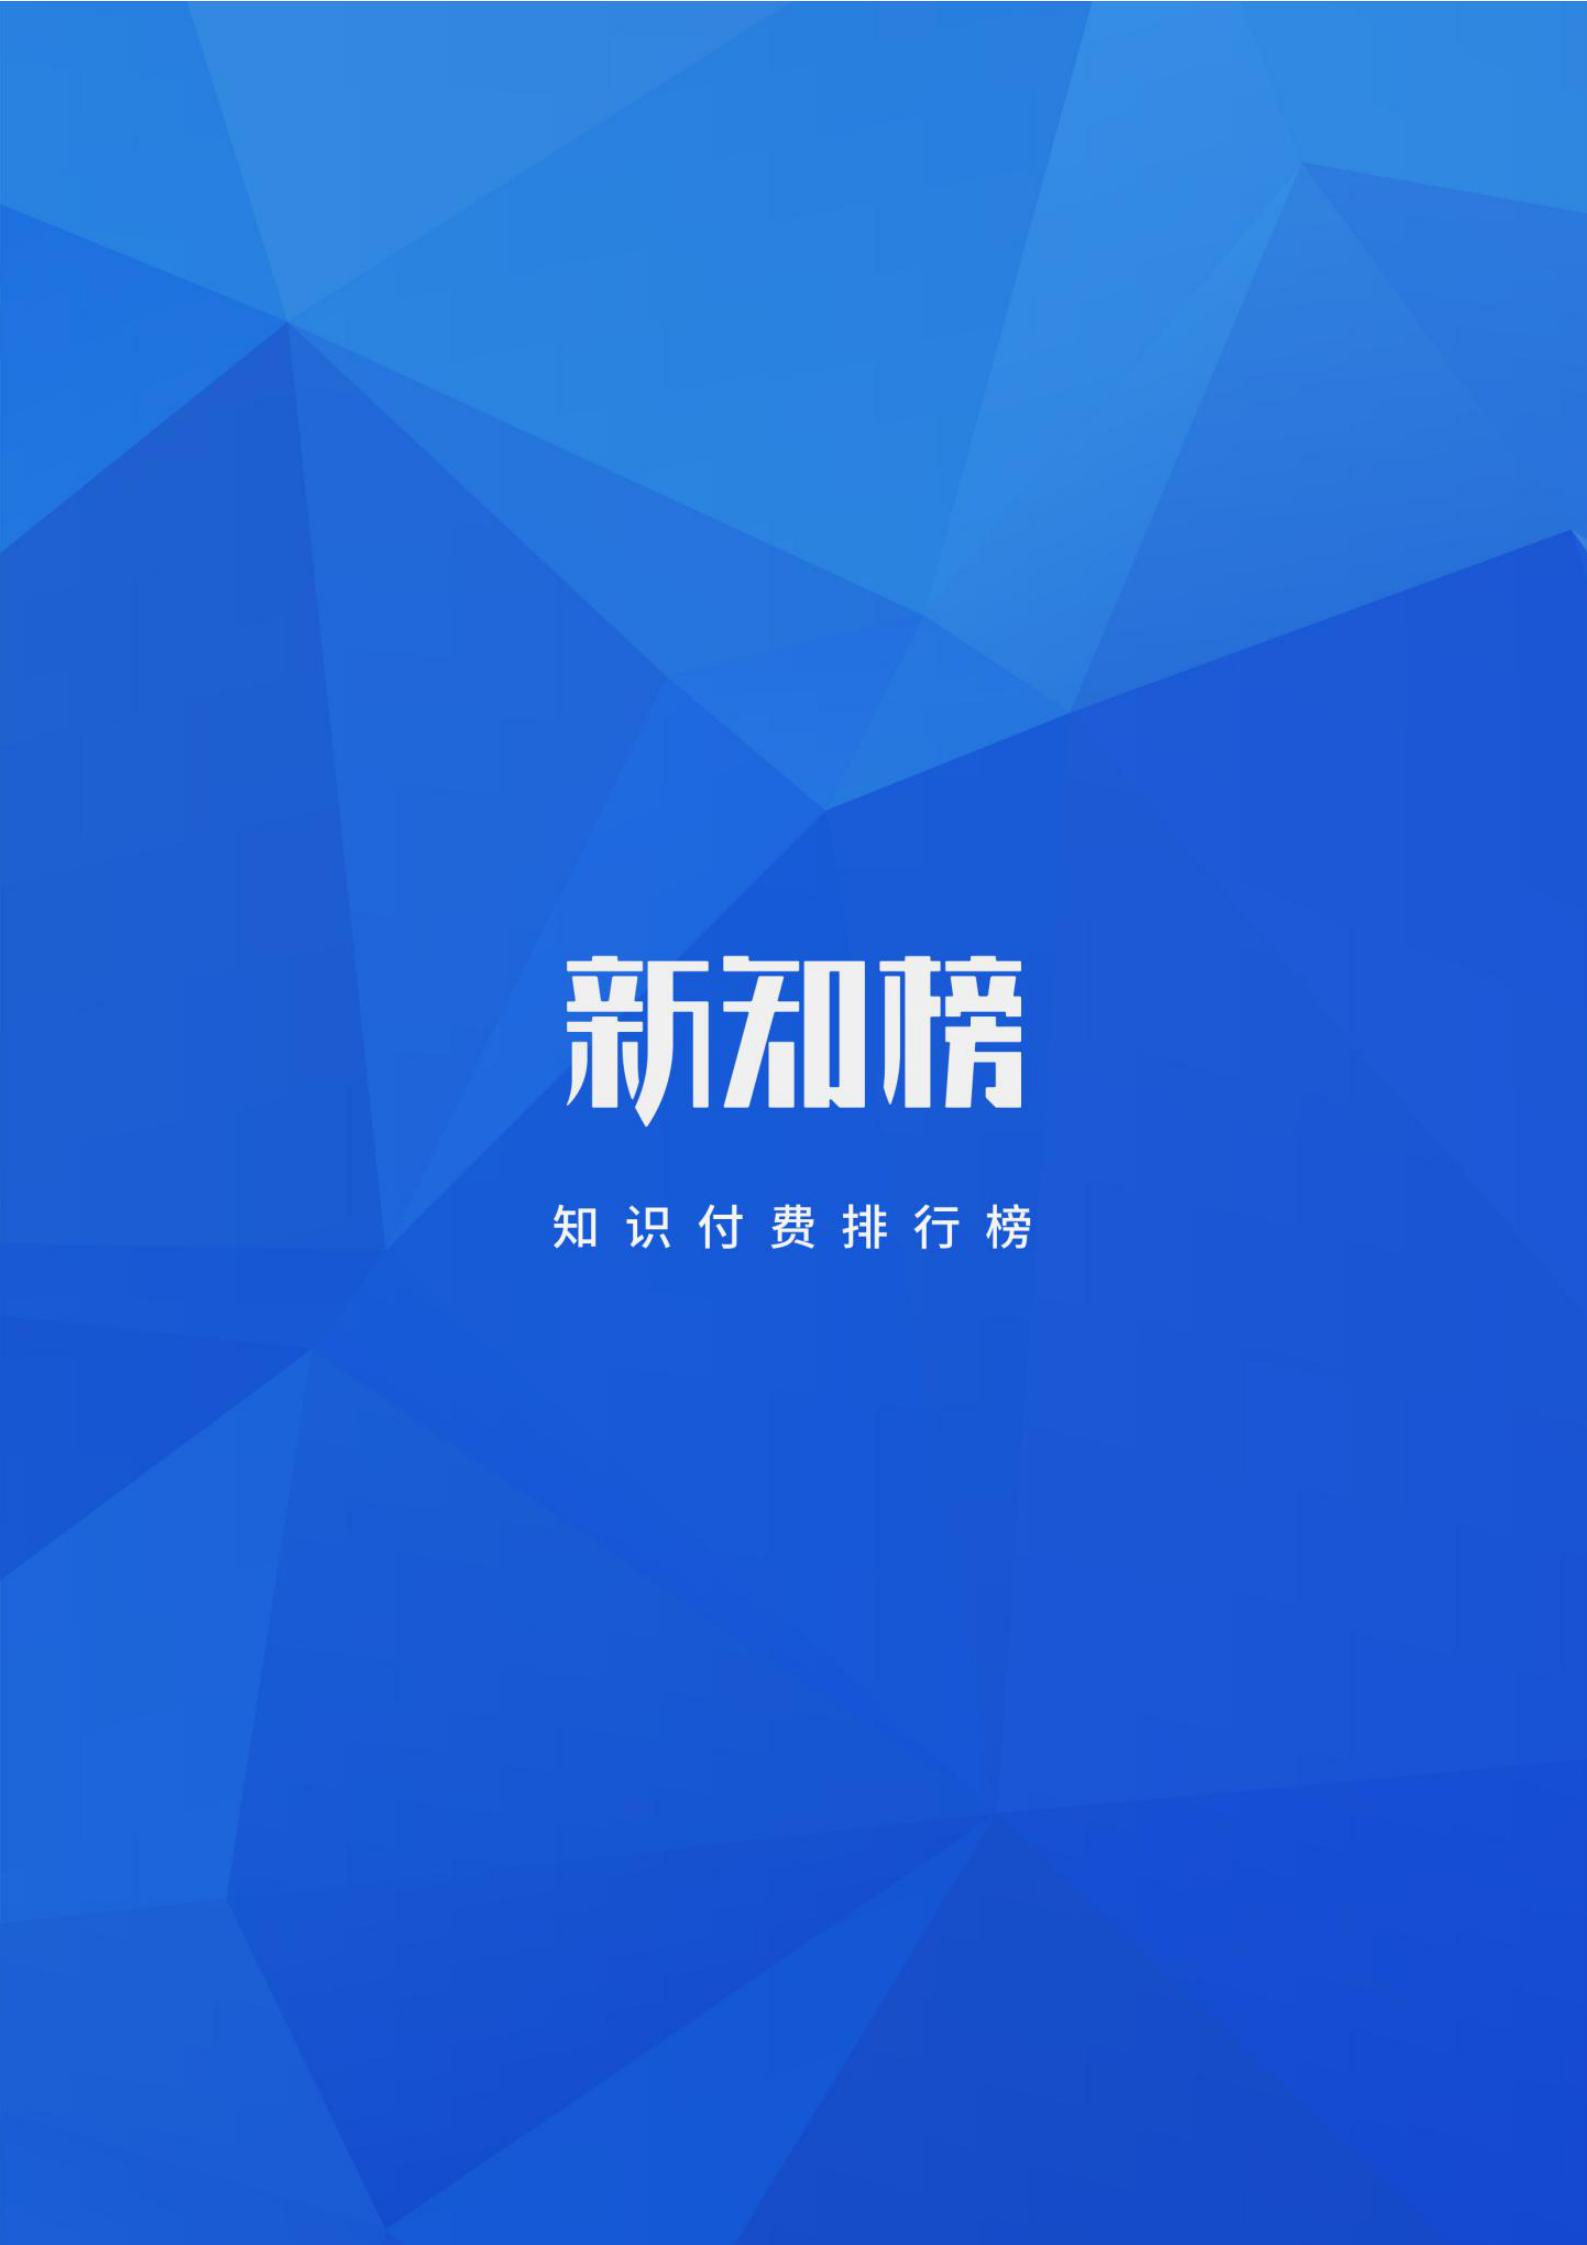 新知榜2018-2019内容付费行业白皮书_40.png